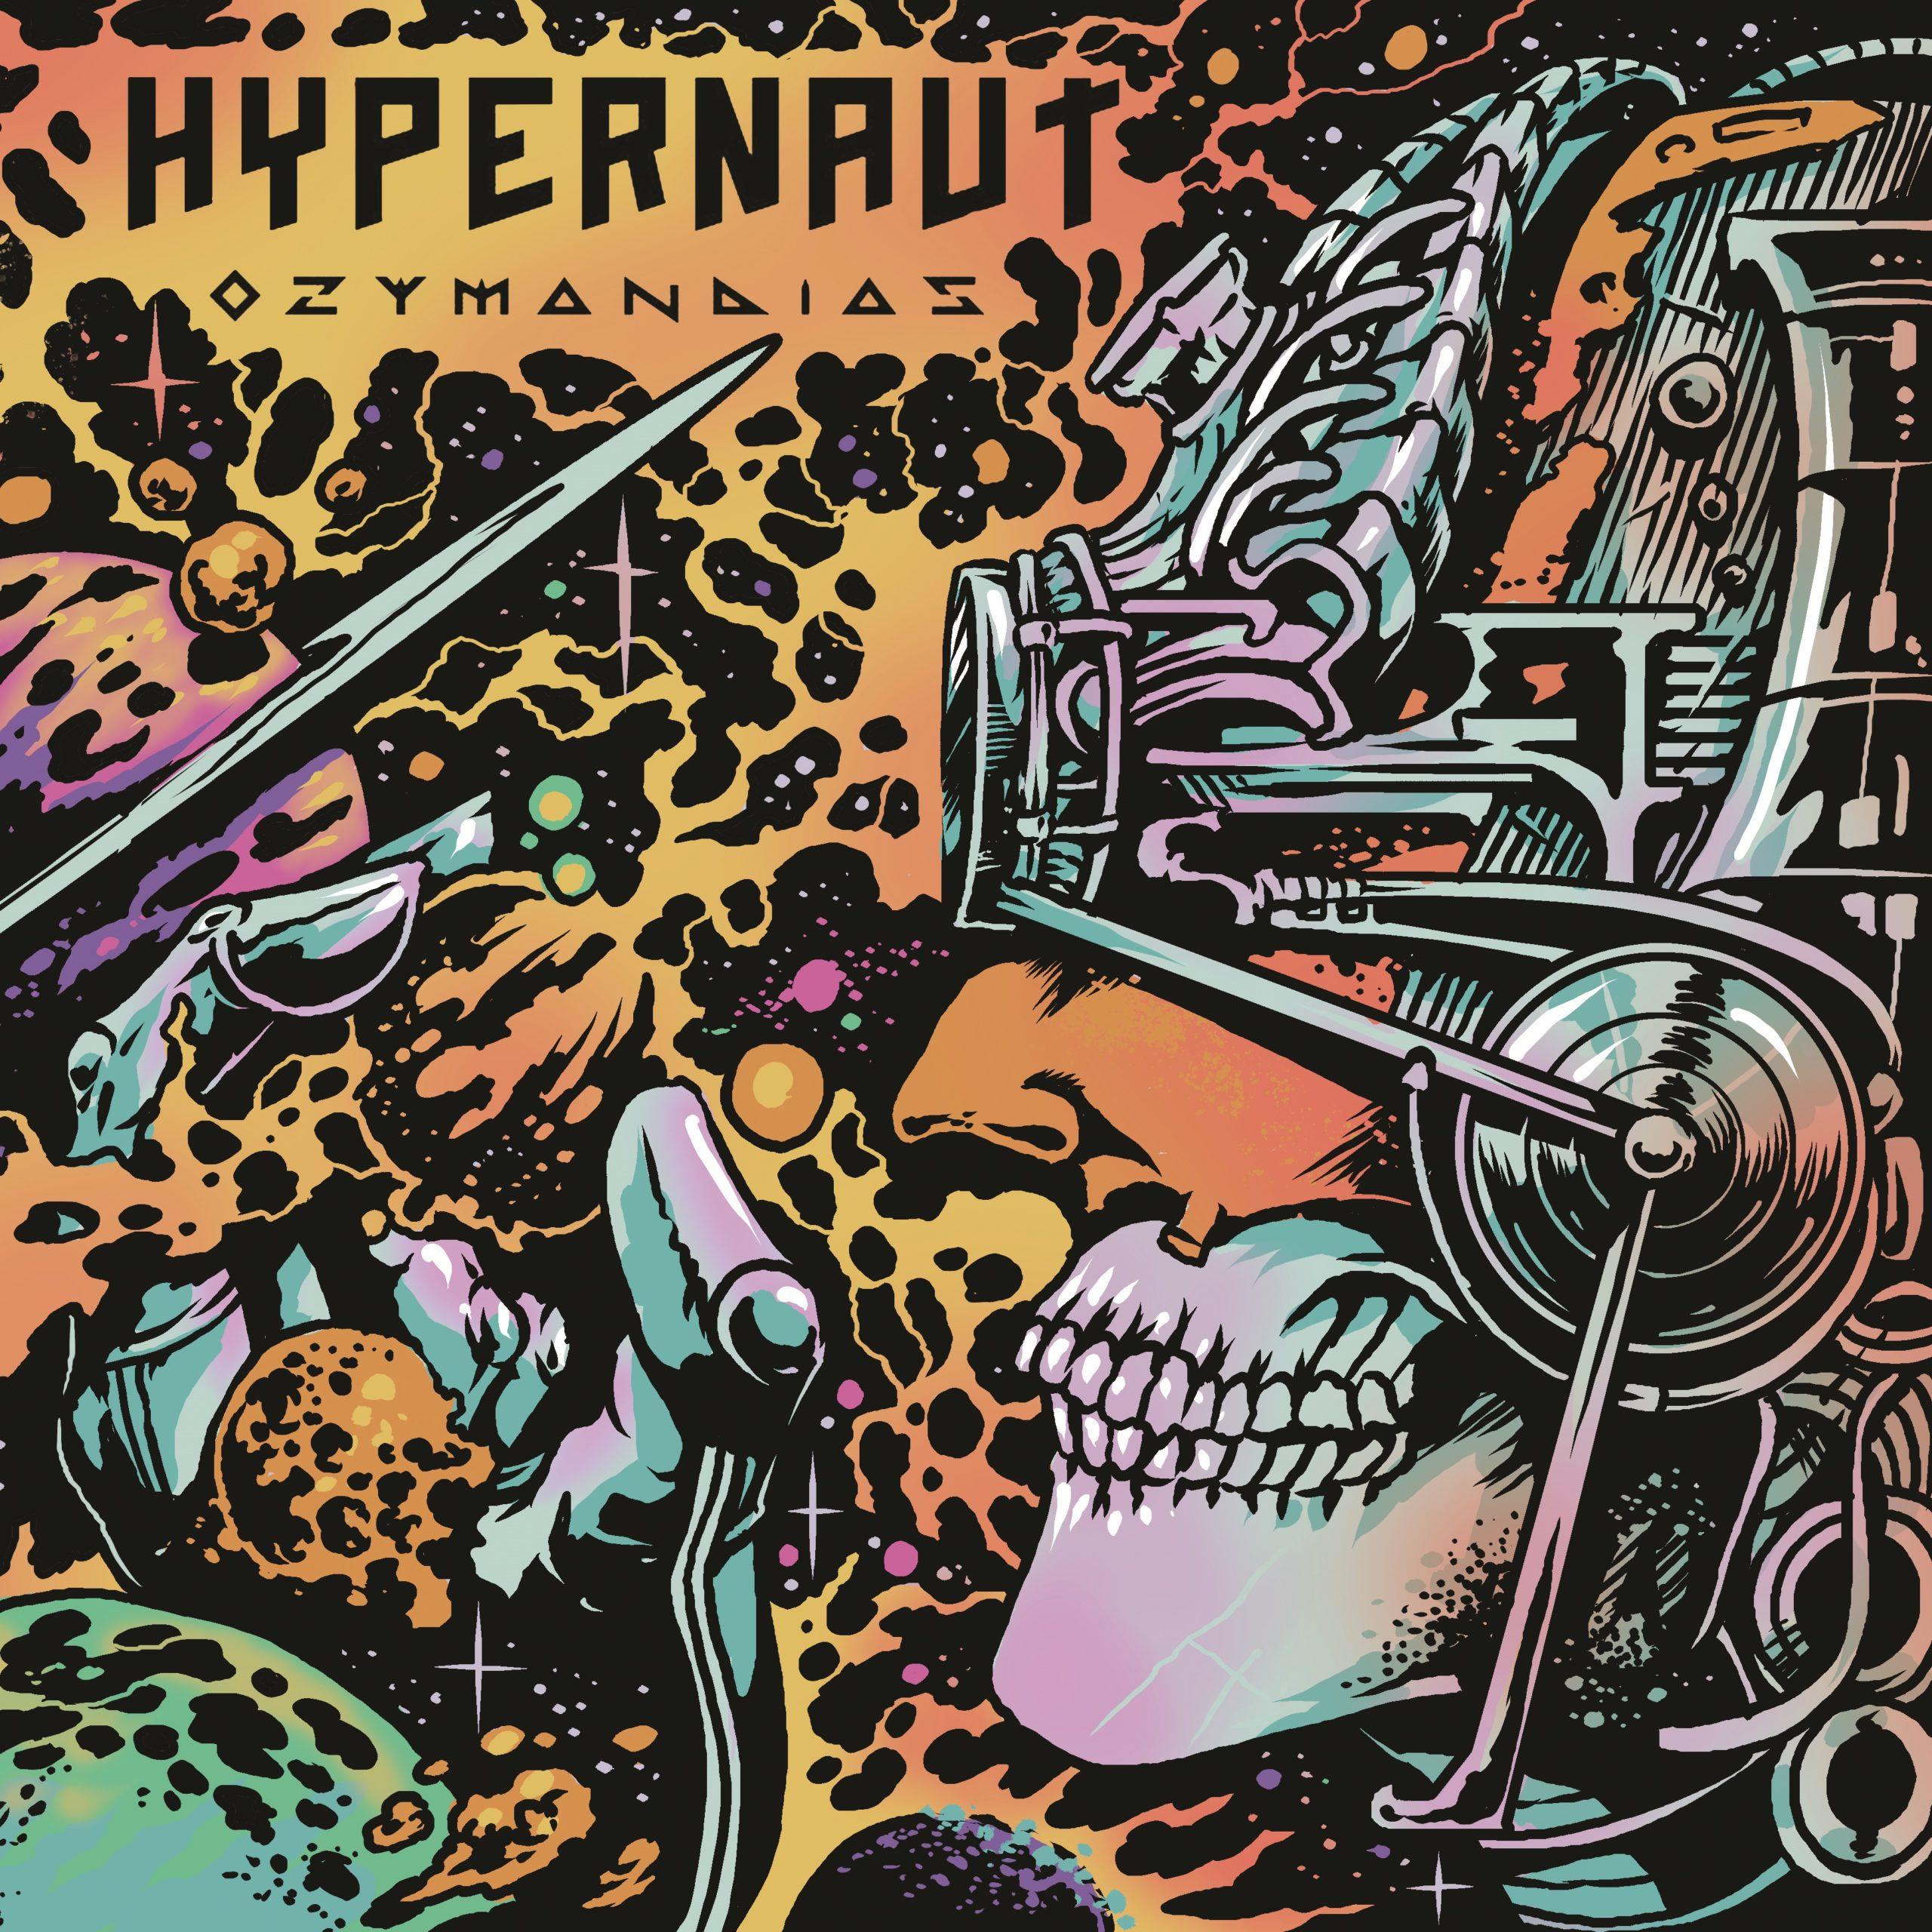 hypernaut ozymandias